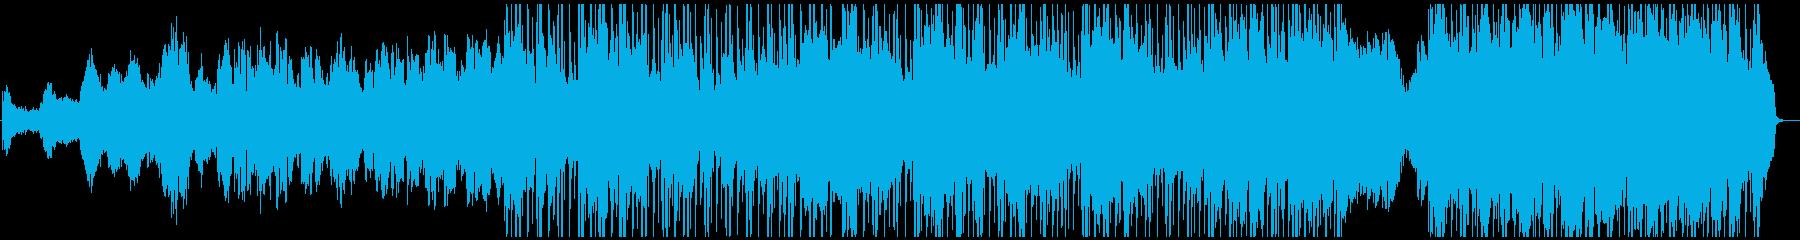 女性ボーカルが遅いグルーヴのハウス...の再生済みの波形